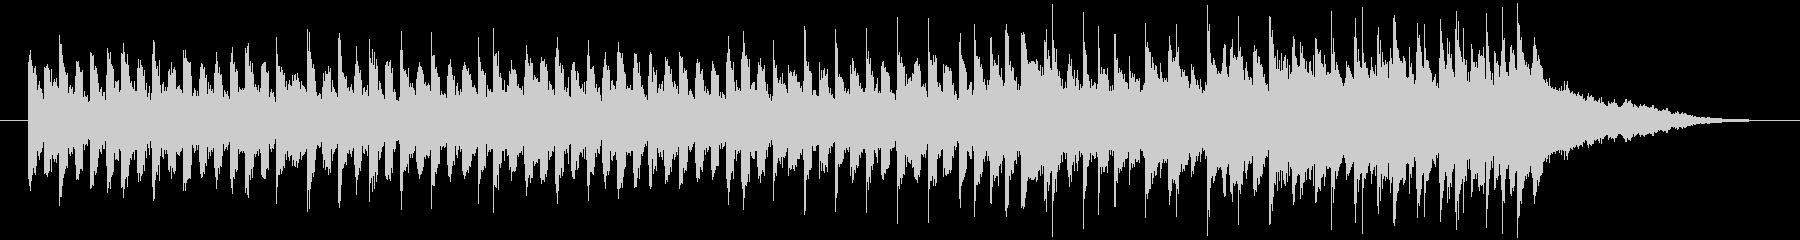 30秒程度のBGM素材です。1分バージ…の未再生の波形